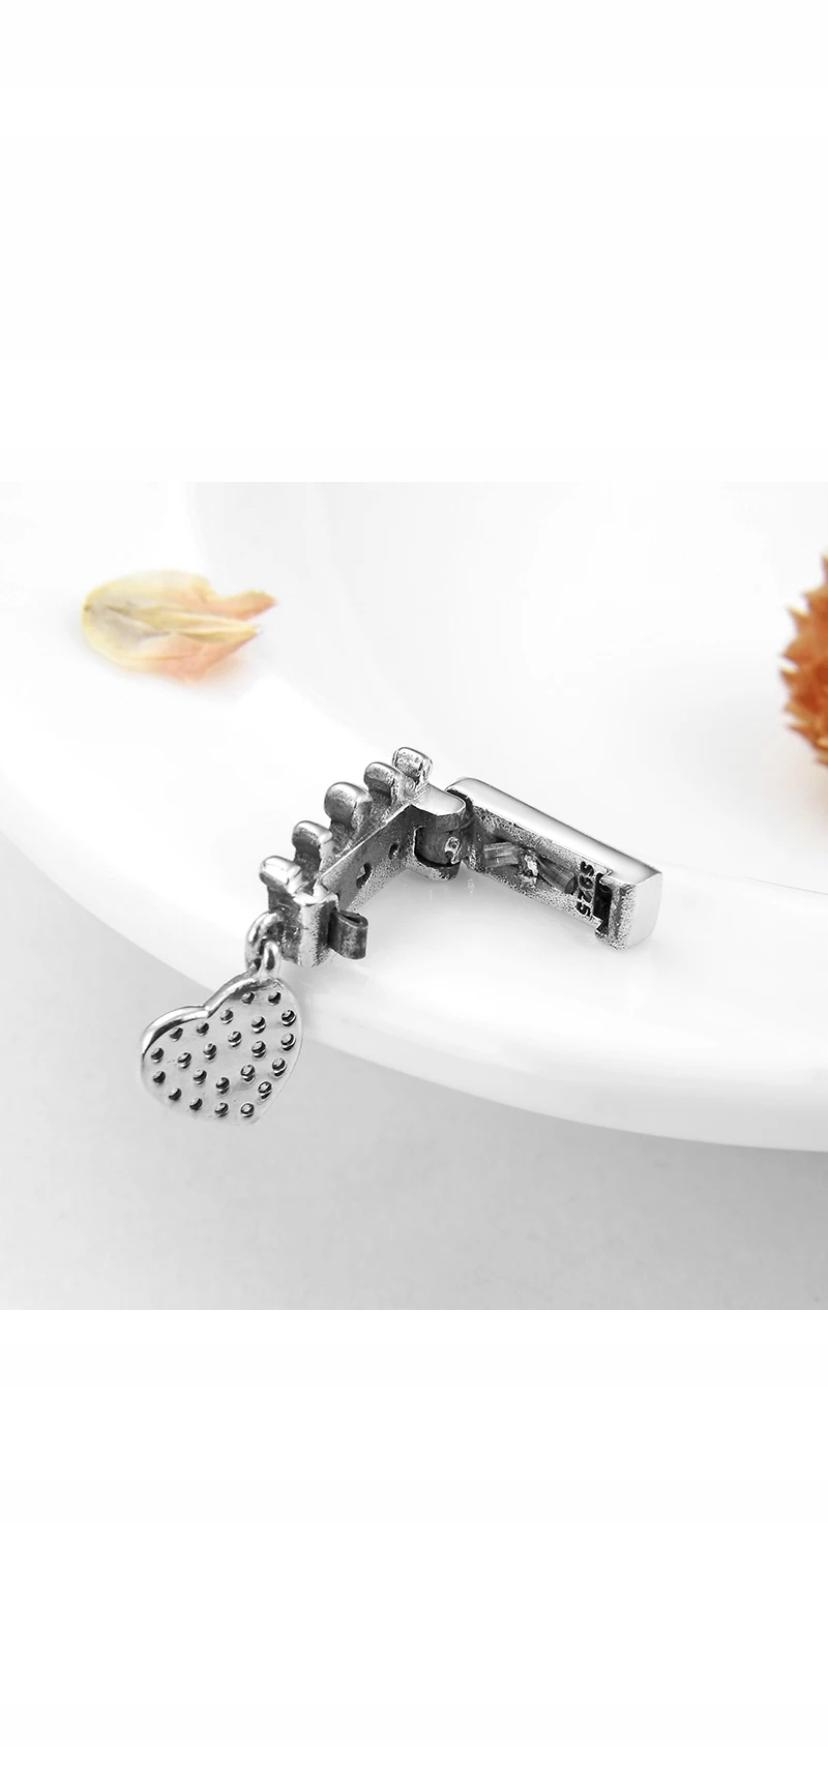 Charms Serce Królowej REFLEXIONS do Pandora 9500704542 WigkIggu